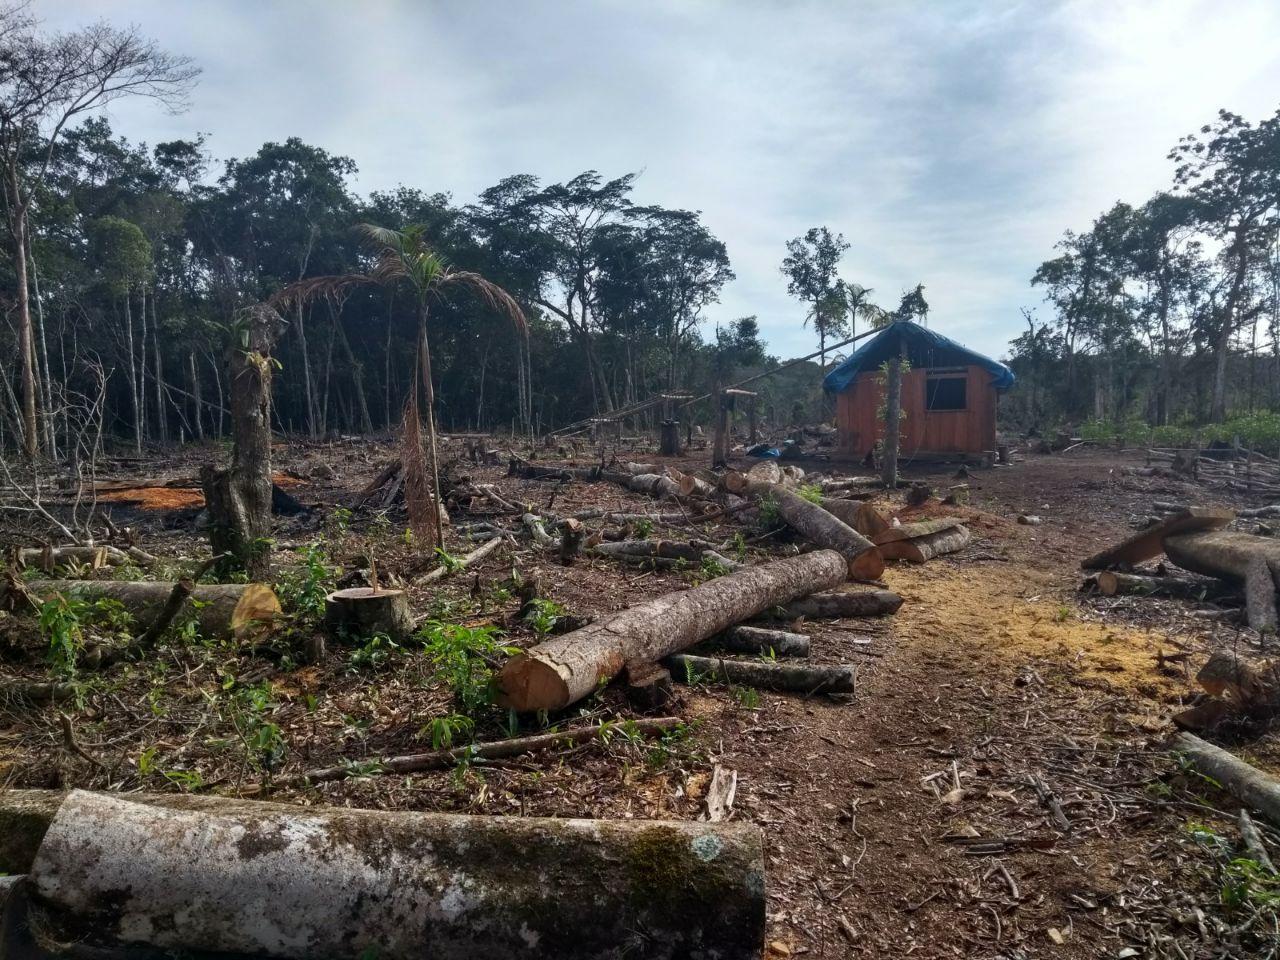 Rancho de caça desbaratado no entorno da Estação Ecológica Chauás